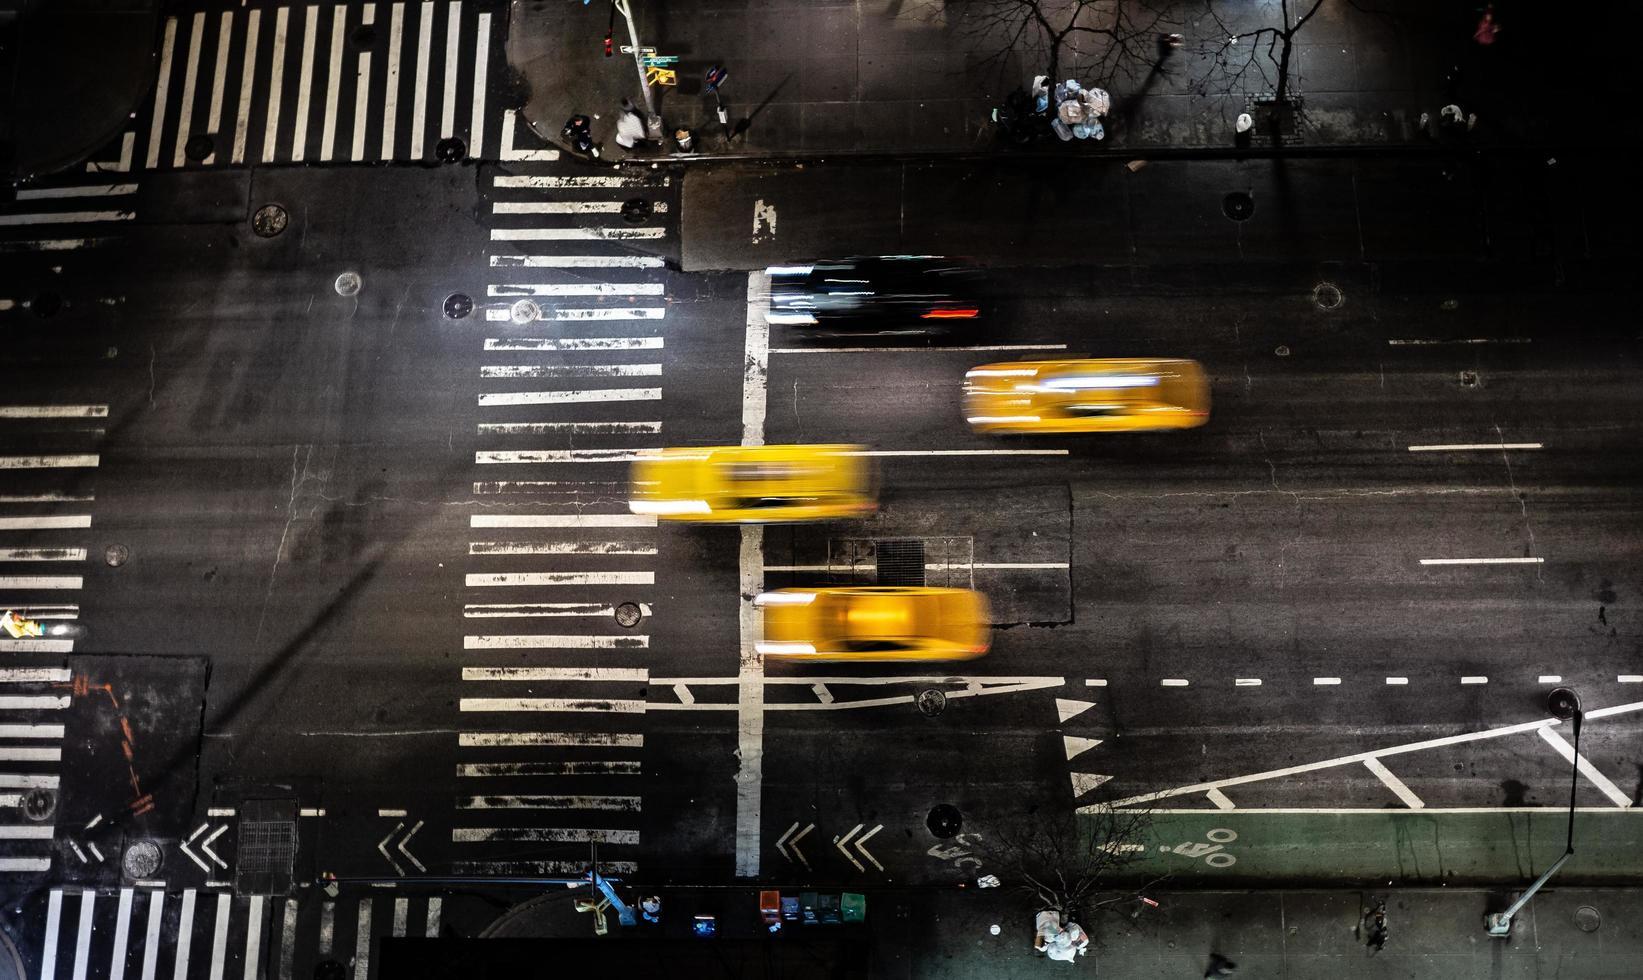 gelbe Taxis auf der Straße foto